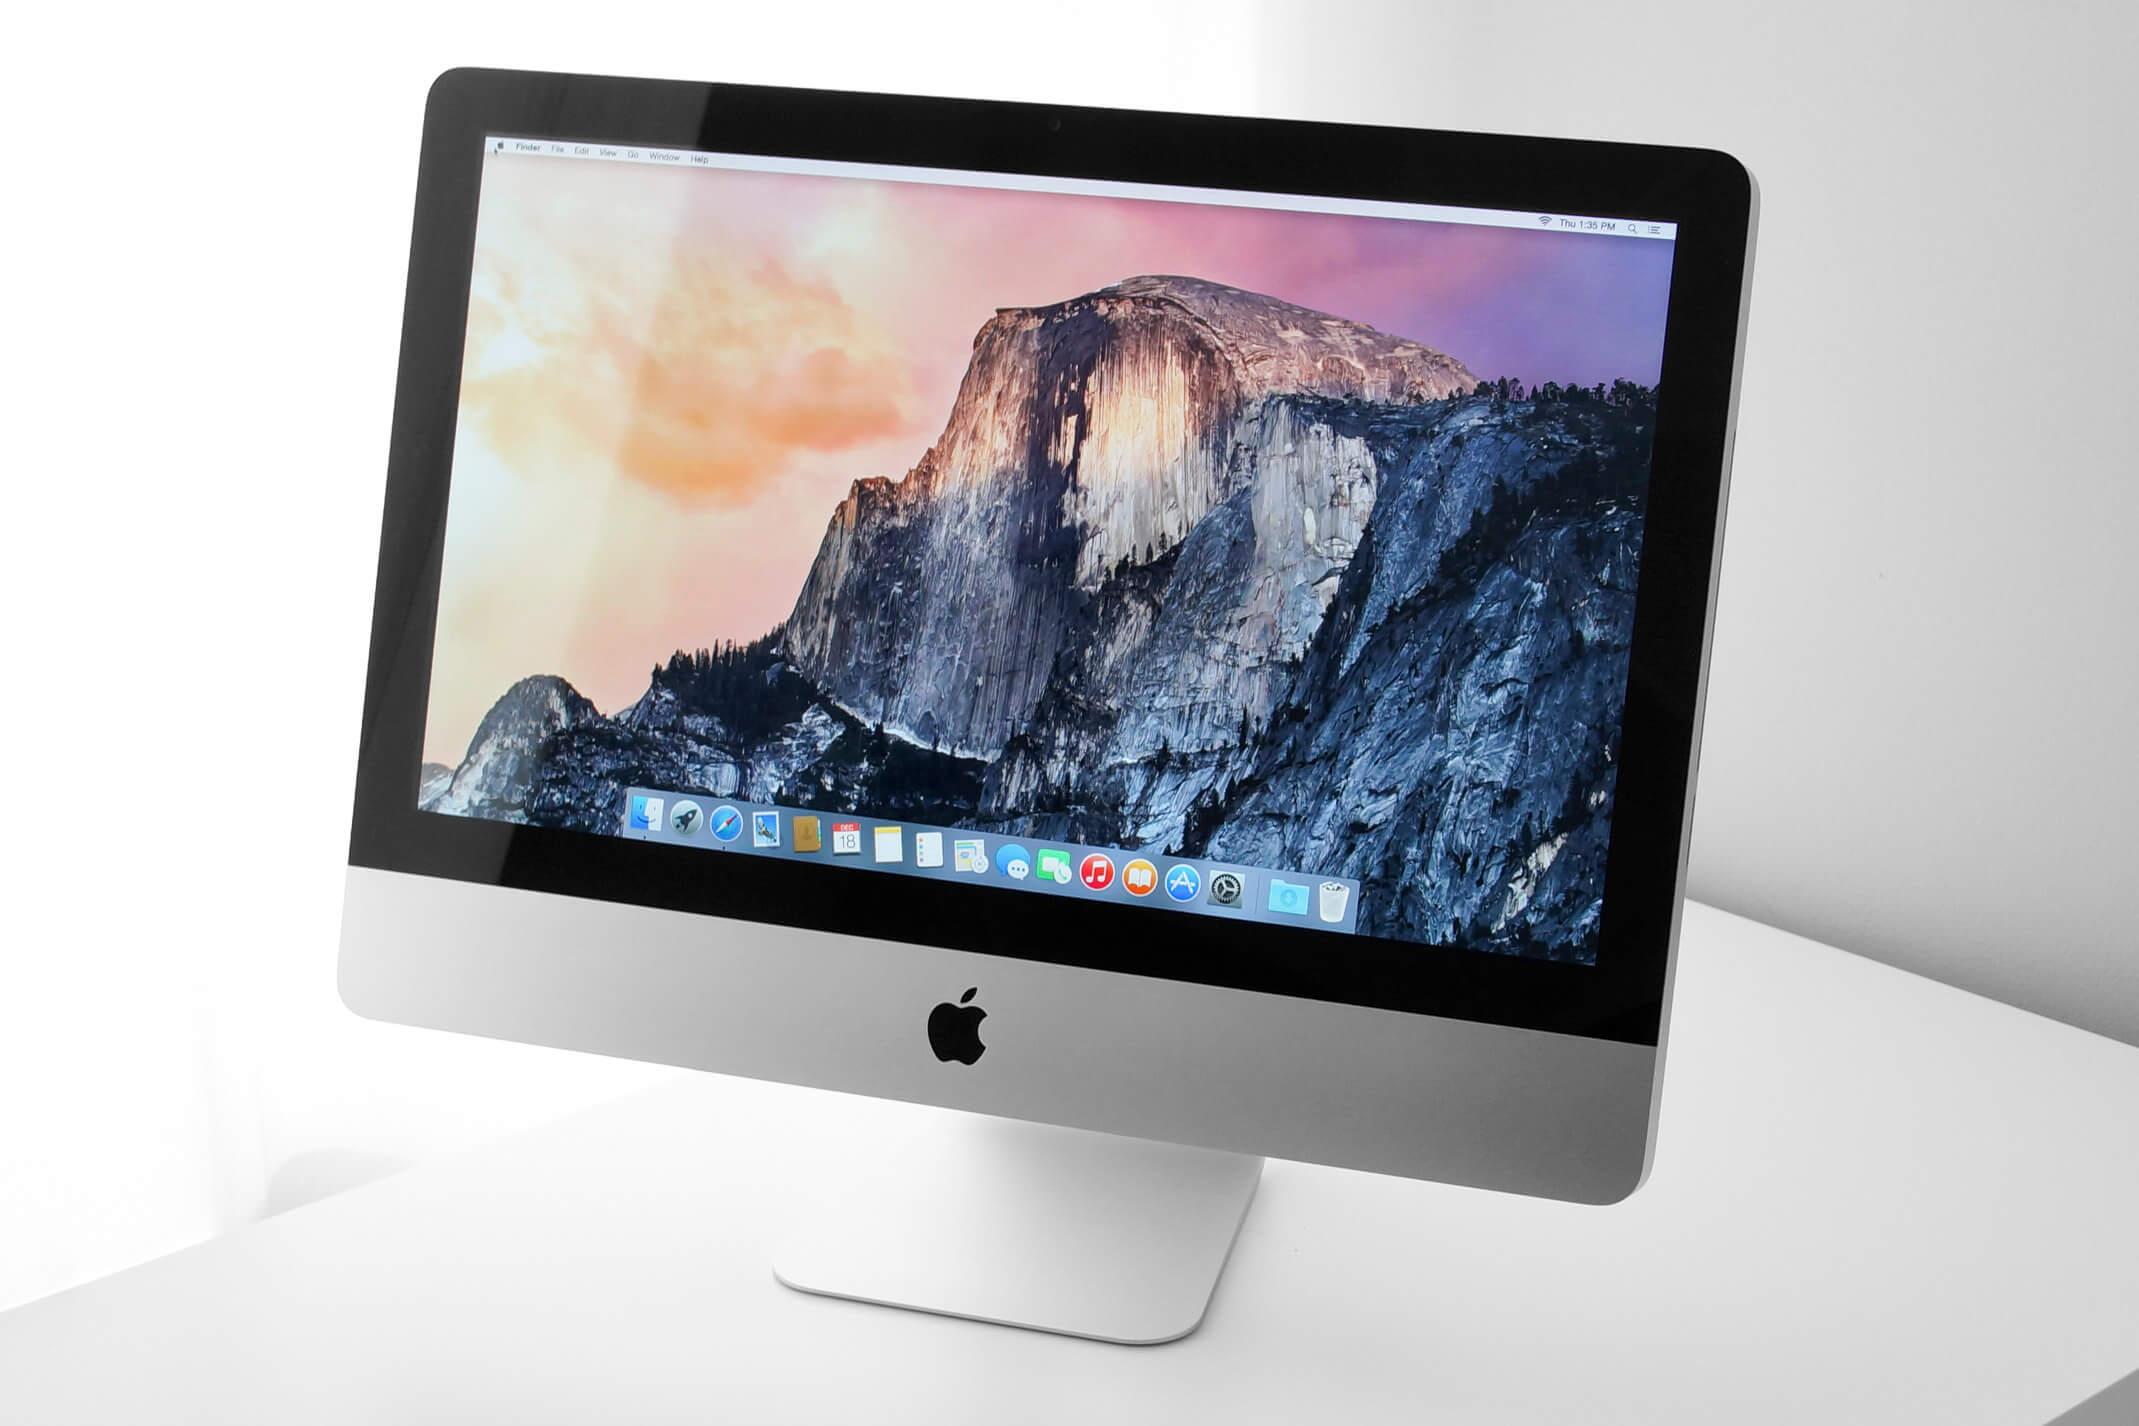 #Видео: Стоит ли покупать MacBook Pro 2016?